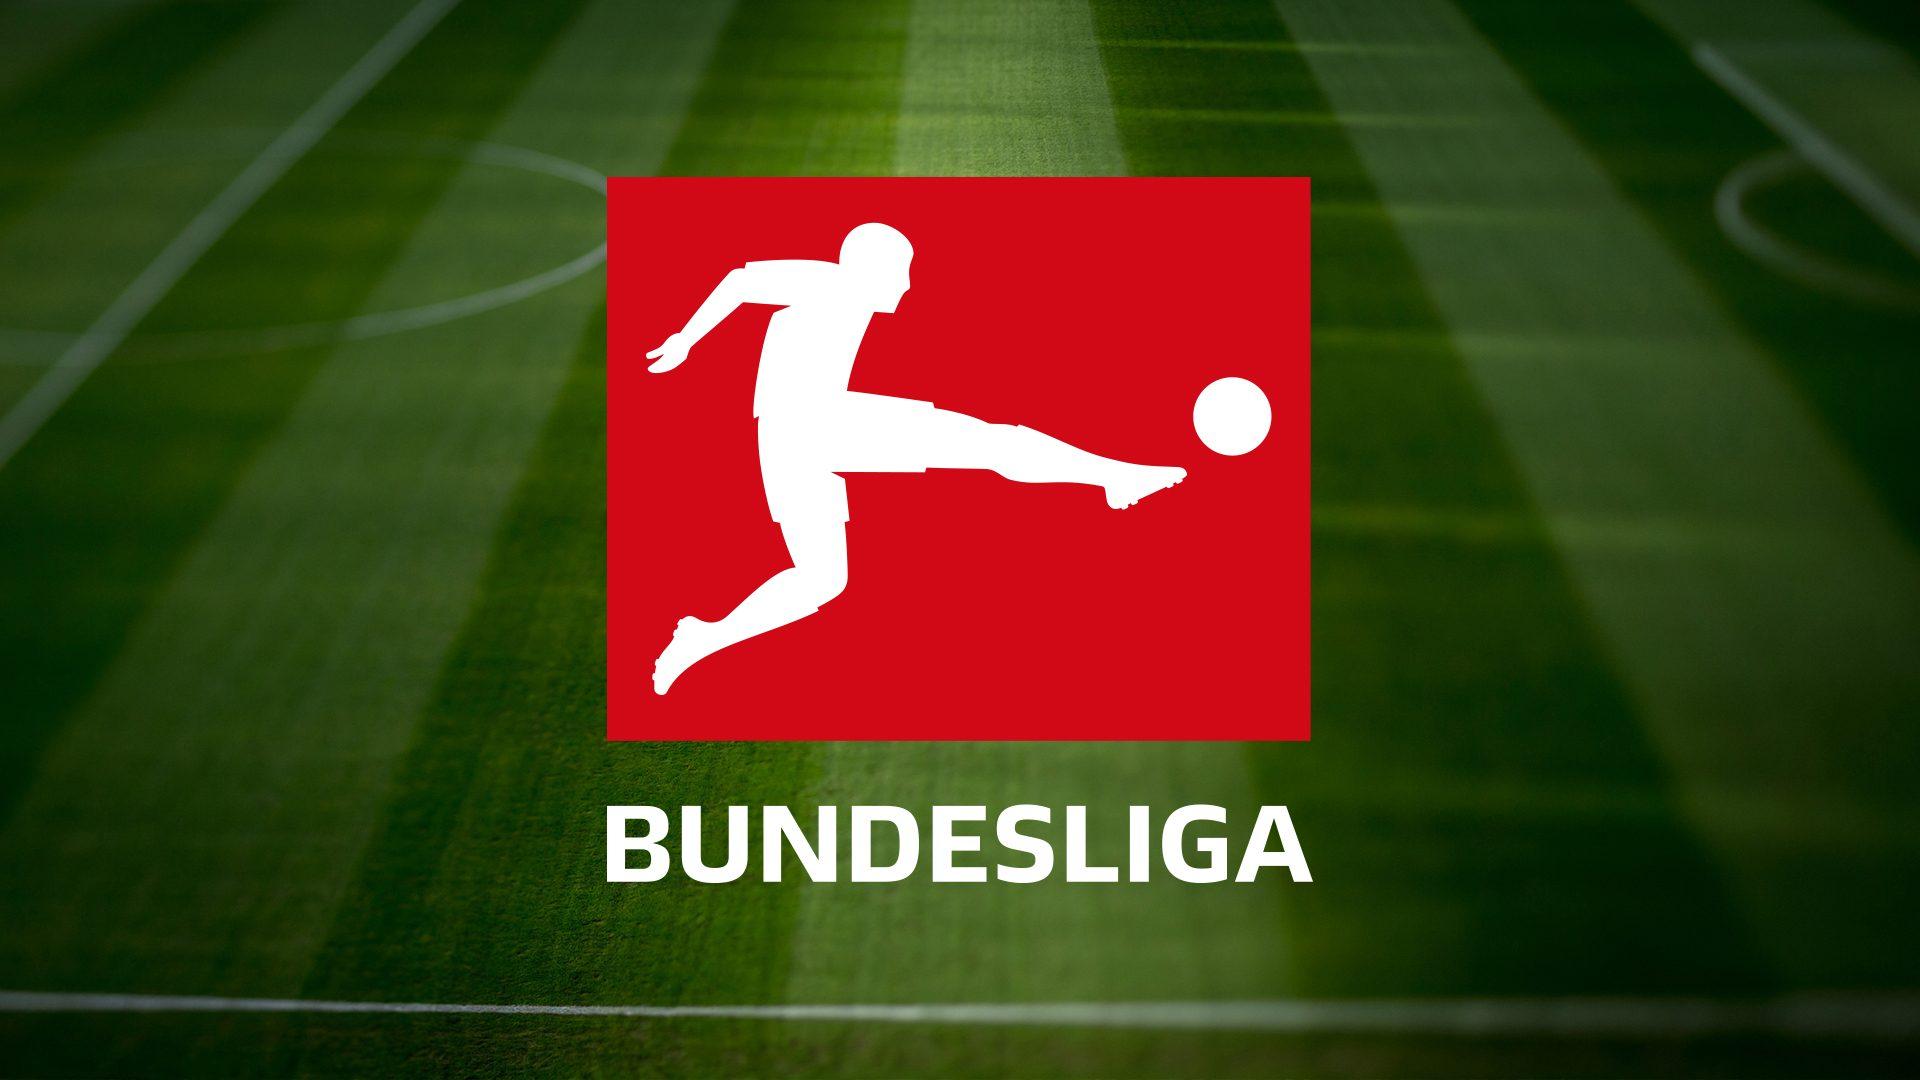 lịch thi đấu Bundesliga 2019/20 - vwin thể thao